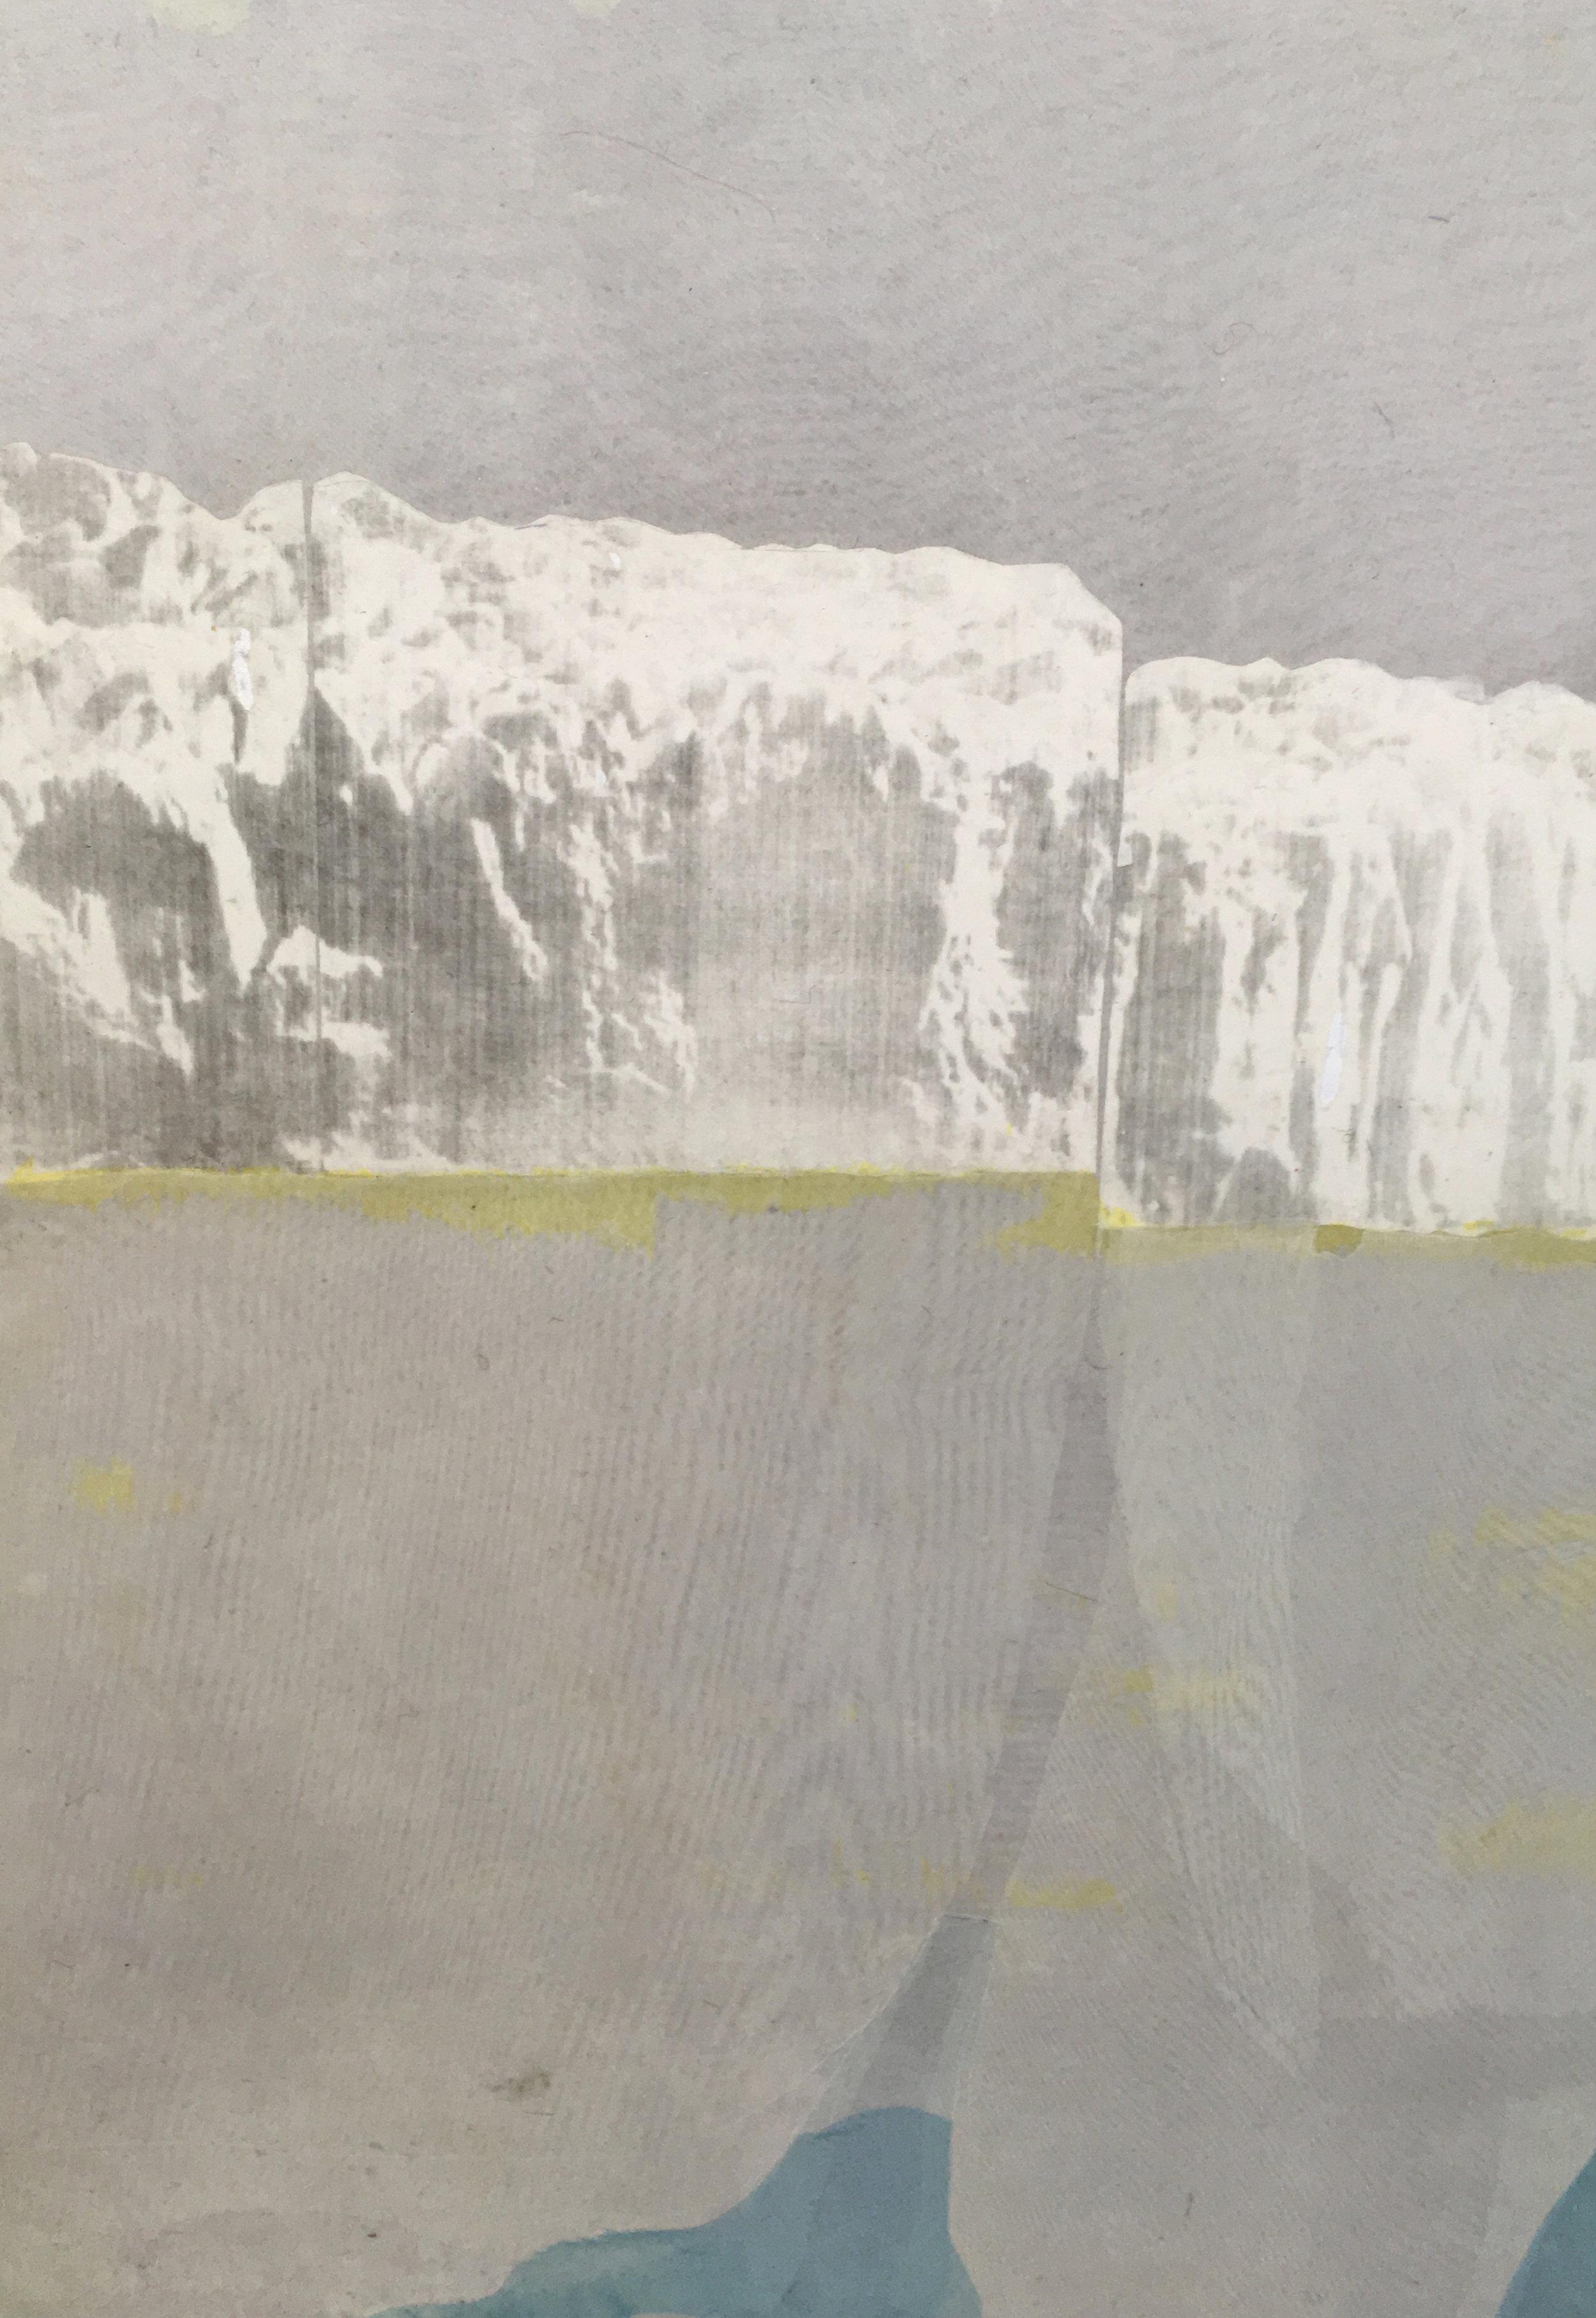 White-I-39.5x61cm_2017-inkjet-and-fabric-on-panel_web.jpg